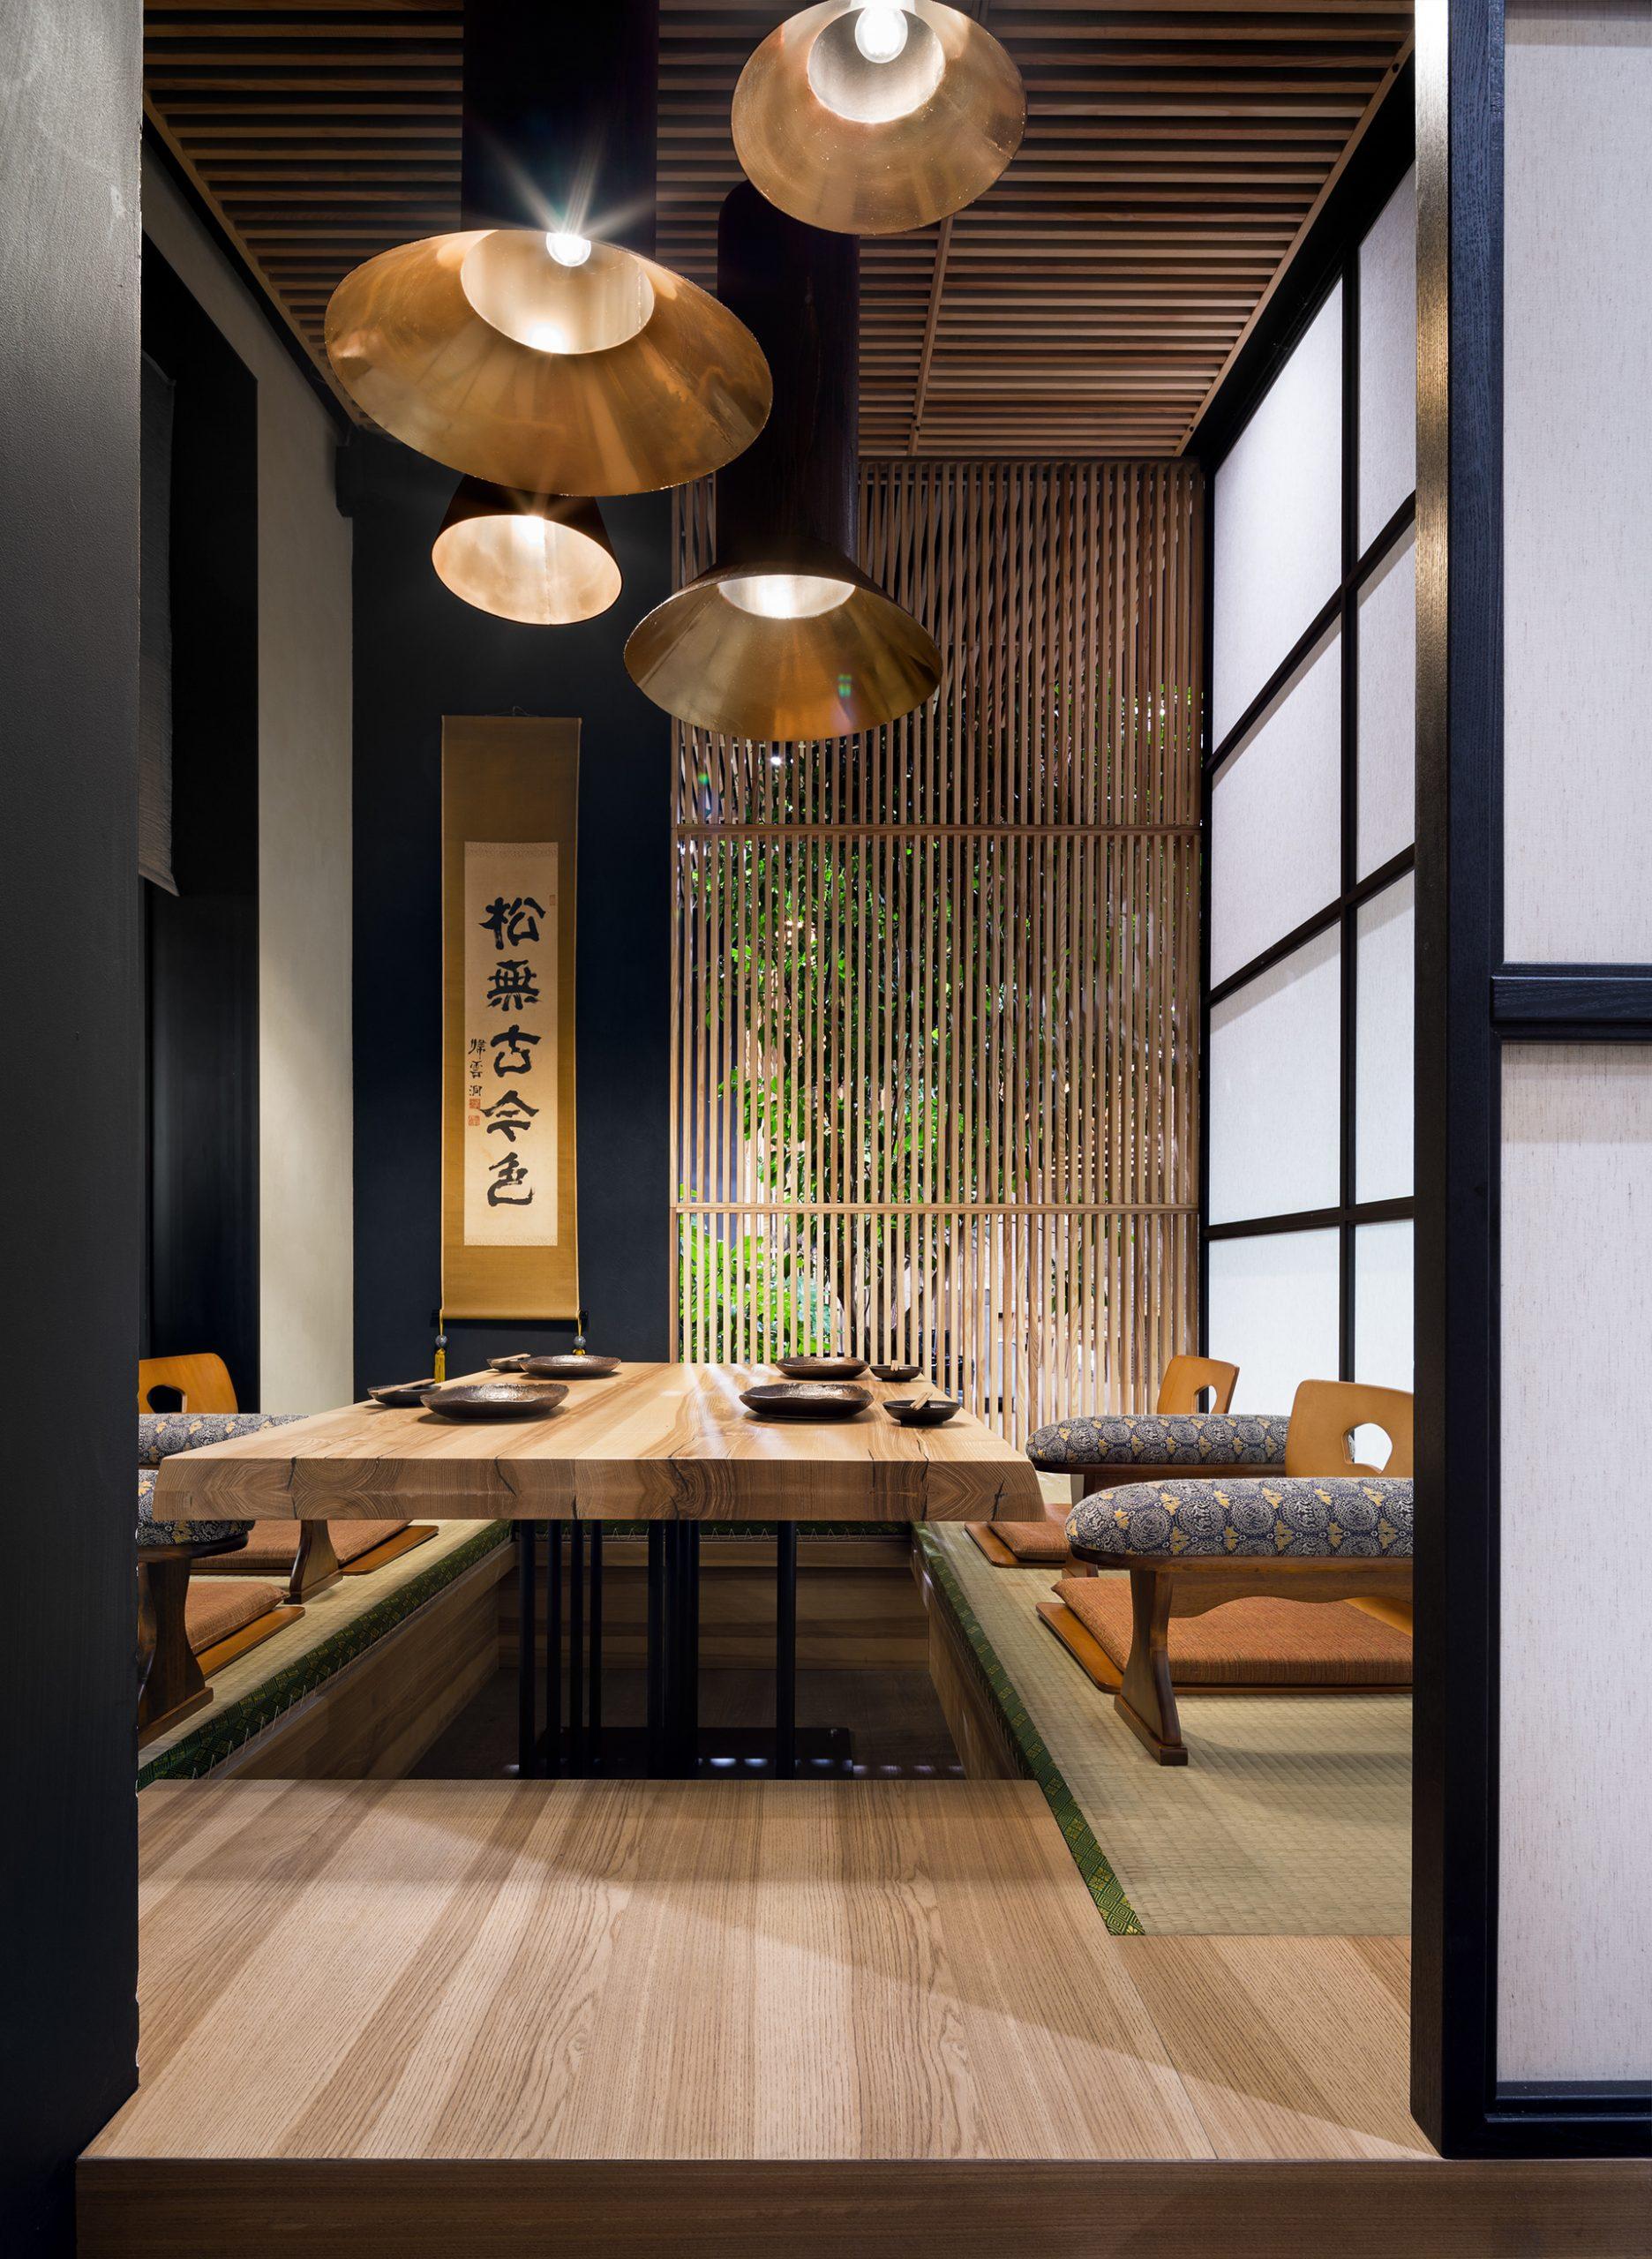 Trang trí nhà hàng Nhật hiện đại